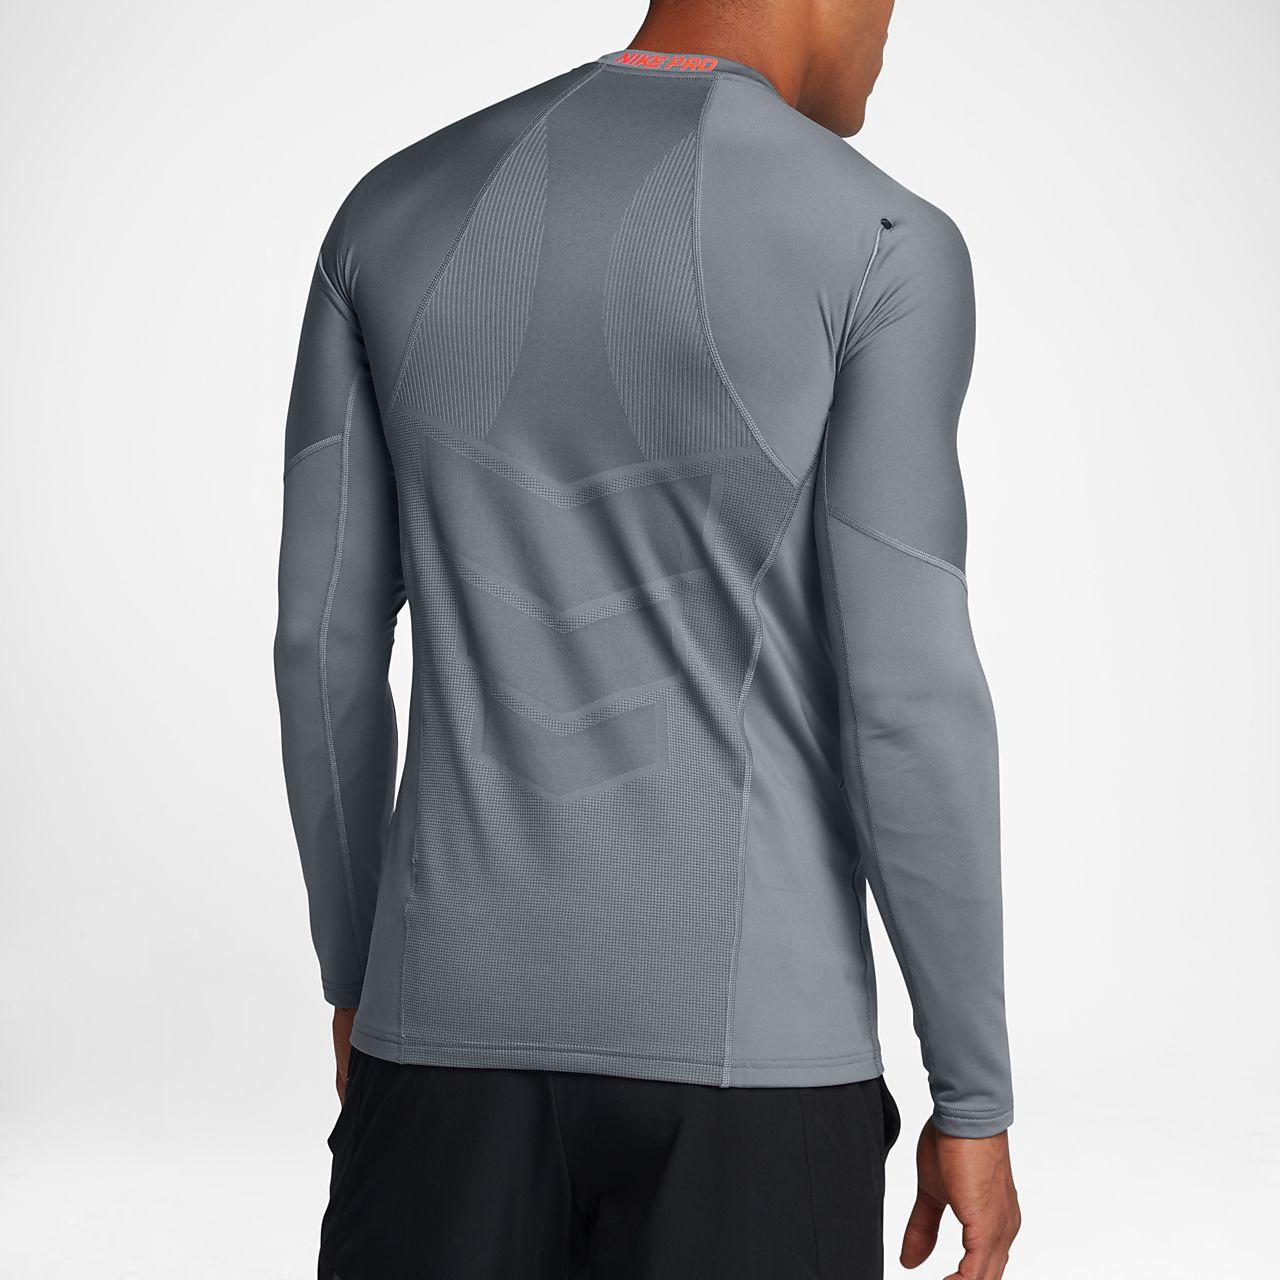 Nike Top de manga larga gris de Nike Plus Training ph2PJOC8g